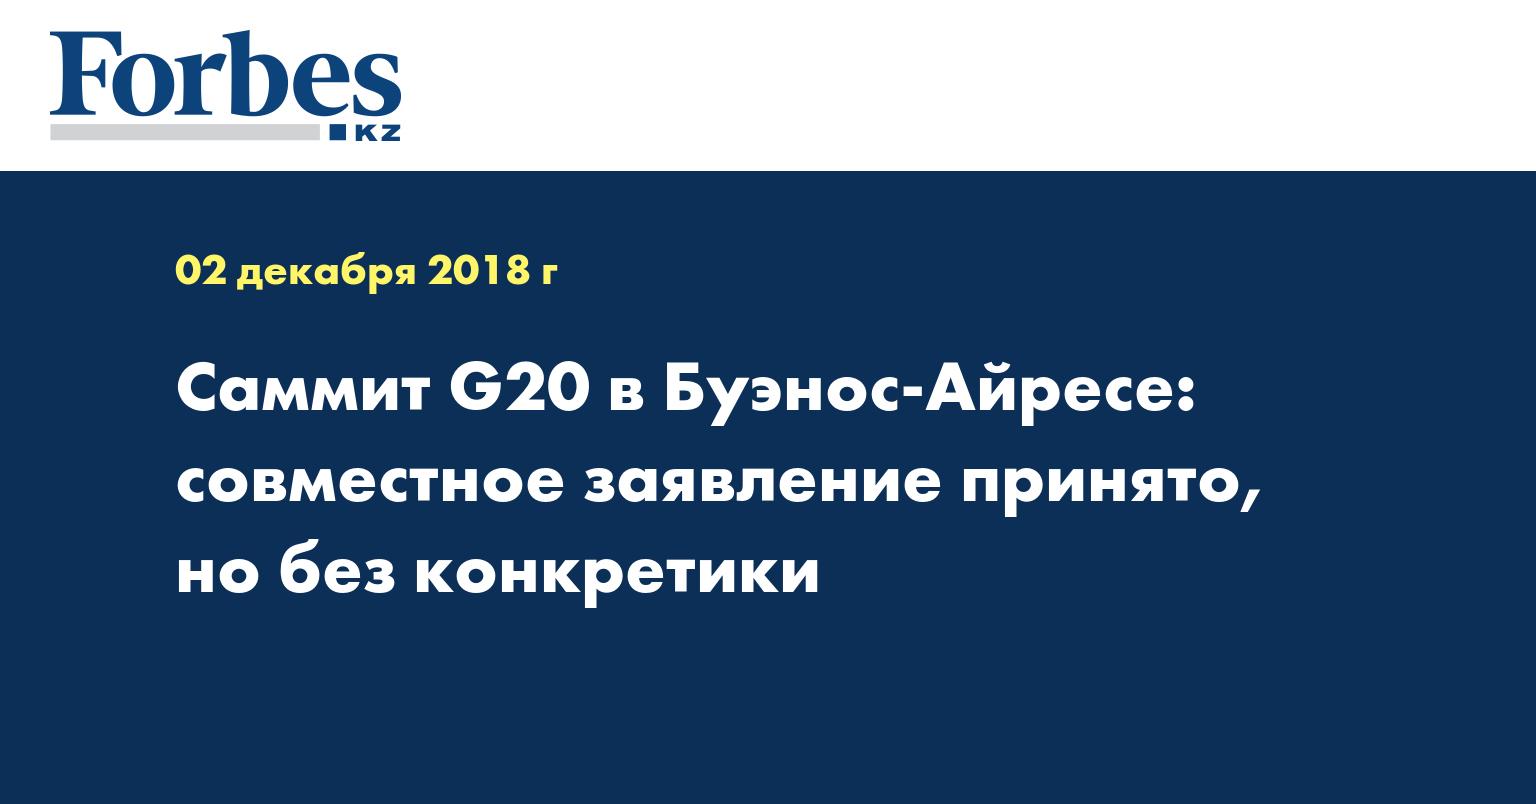 Саммит G20 в Буэнос-Айресе: совместное заявление принято, но без конкретики